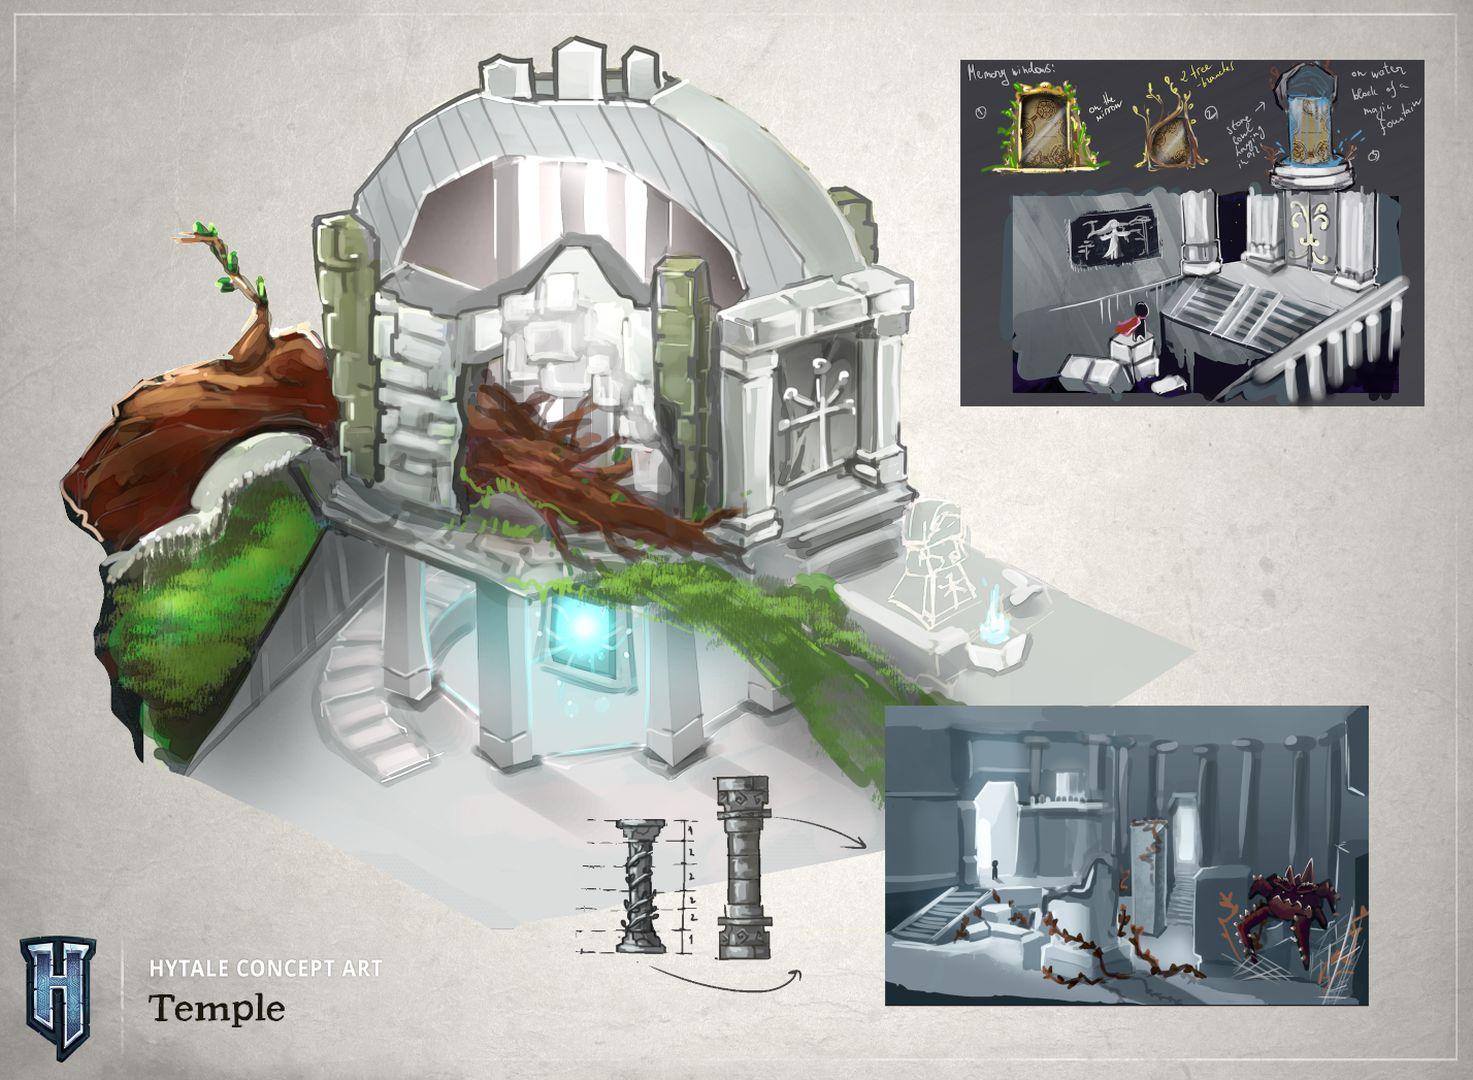 Aperçu d'un temple du jeu Hytale